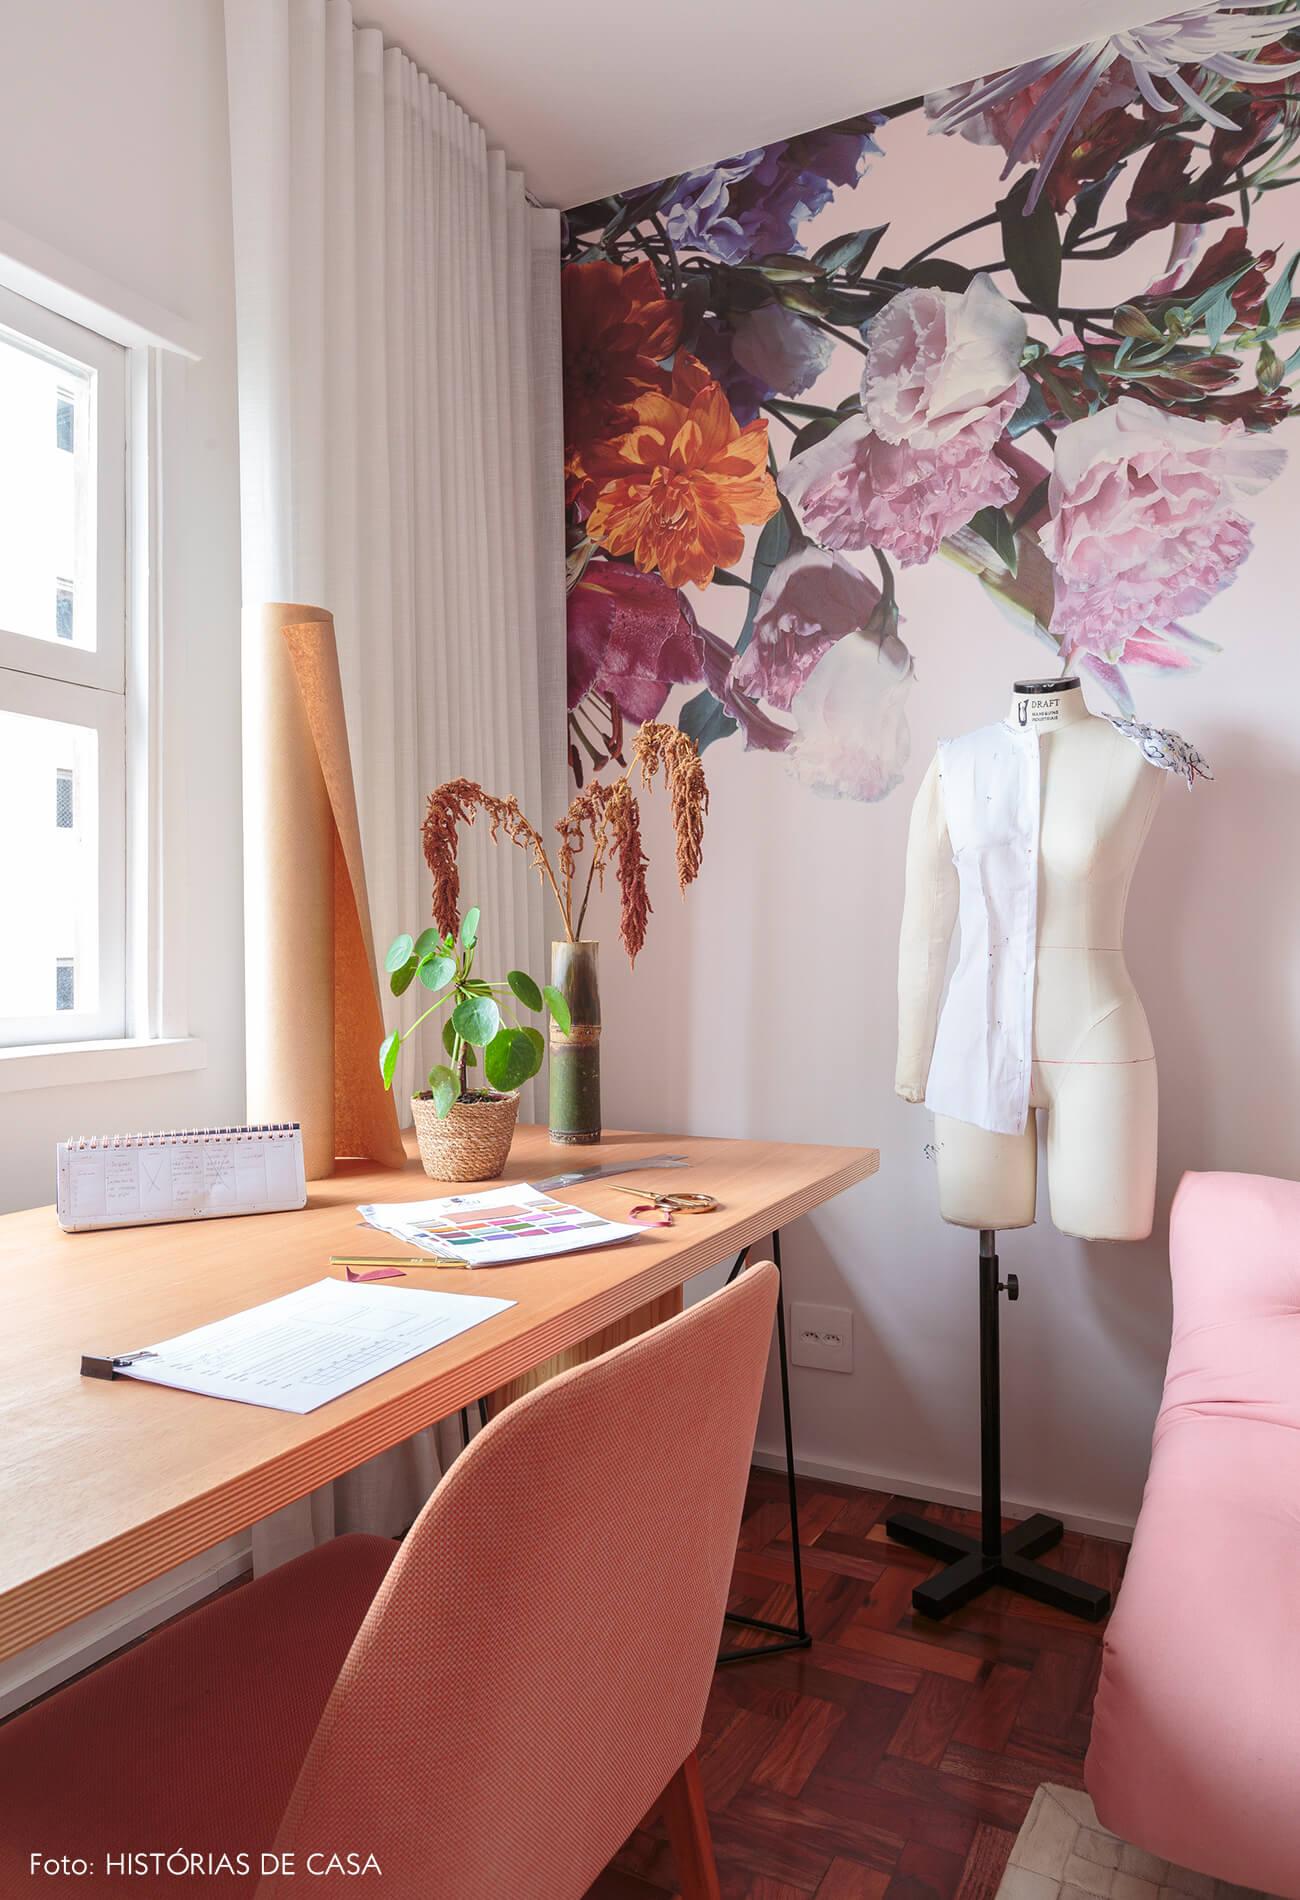 home-office-atelie-estilista-papel-de-parede-flores-rosa-mesa-madeira-clara-cadeira-e-sofa-rosa-manequim